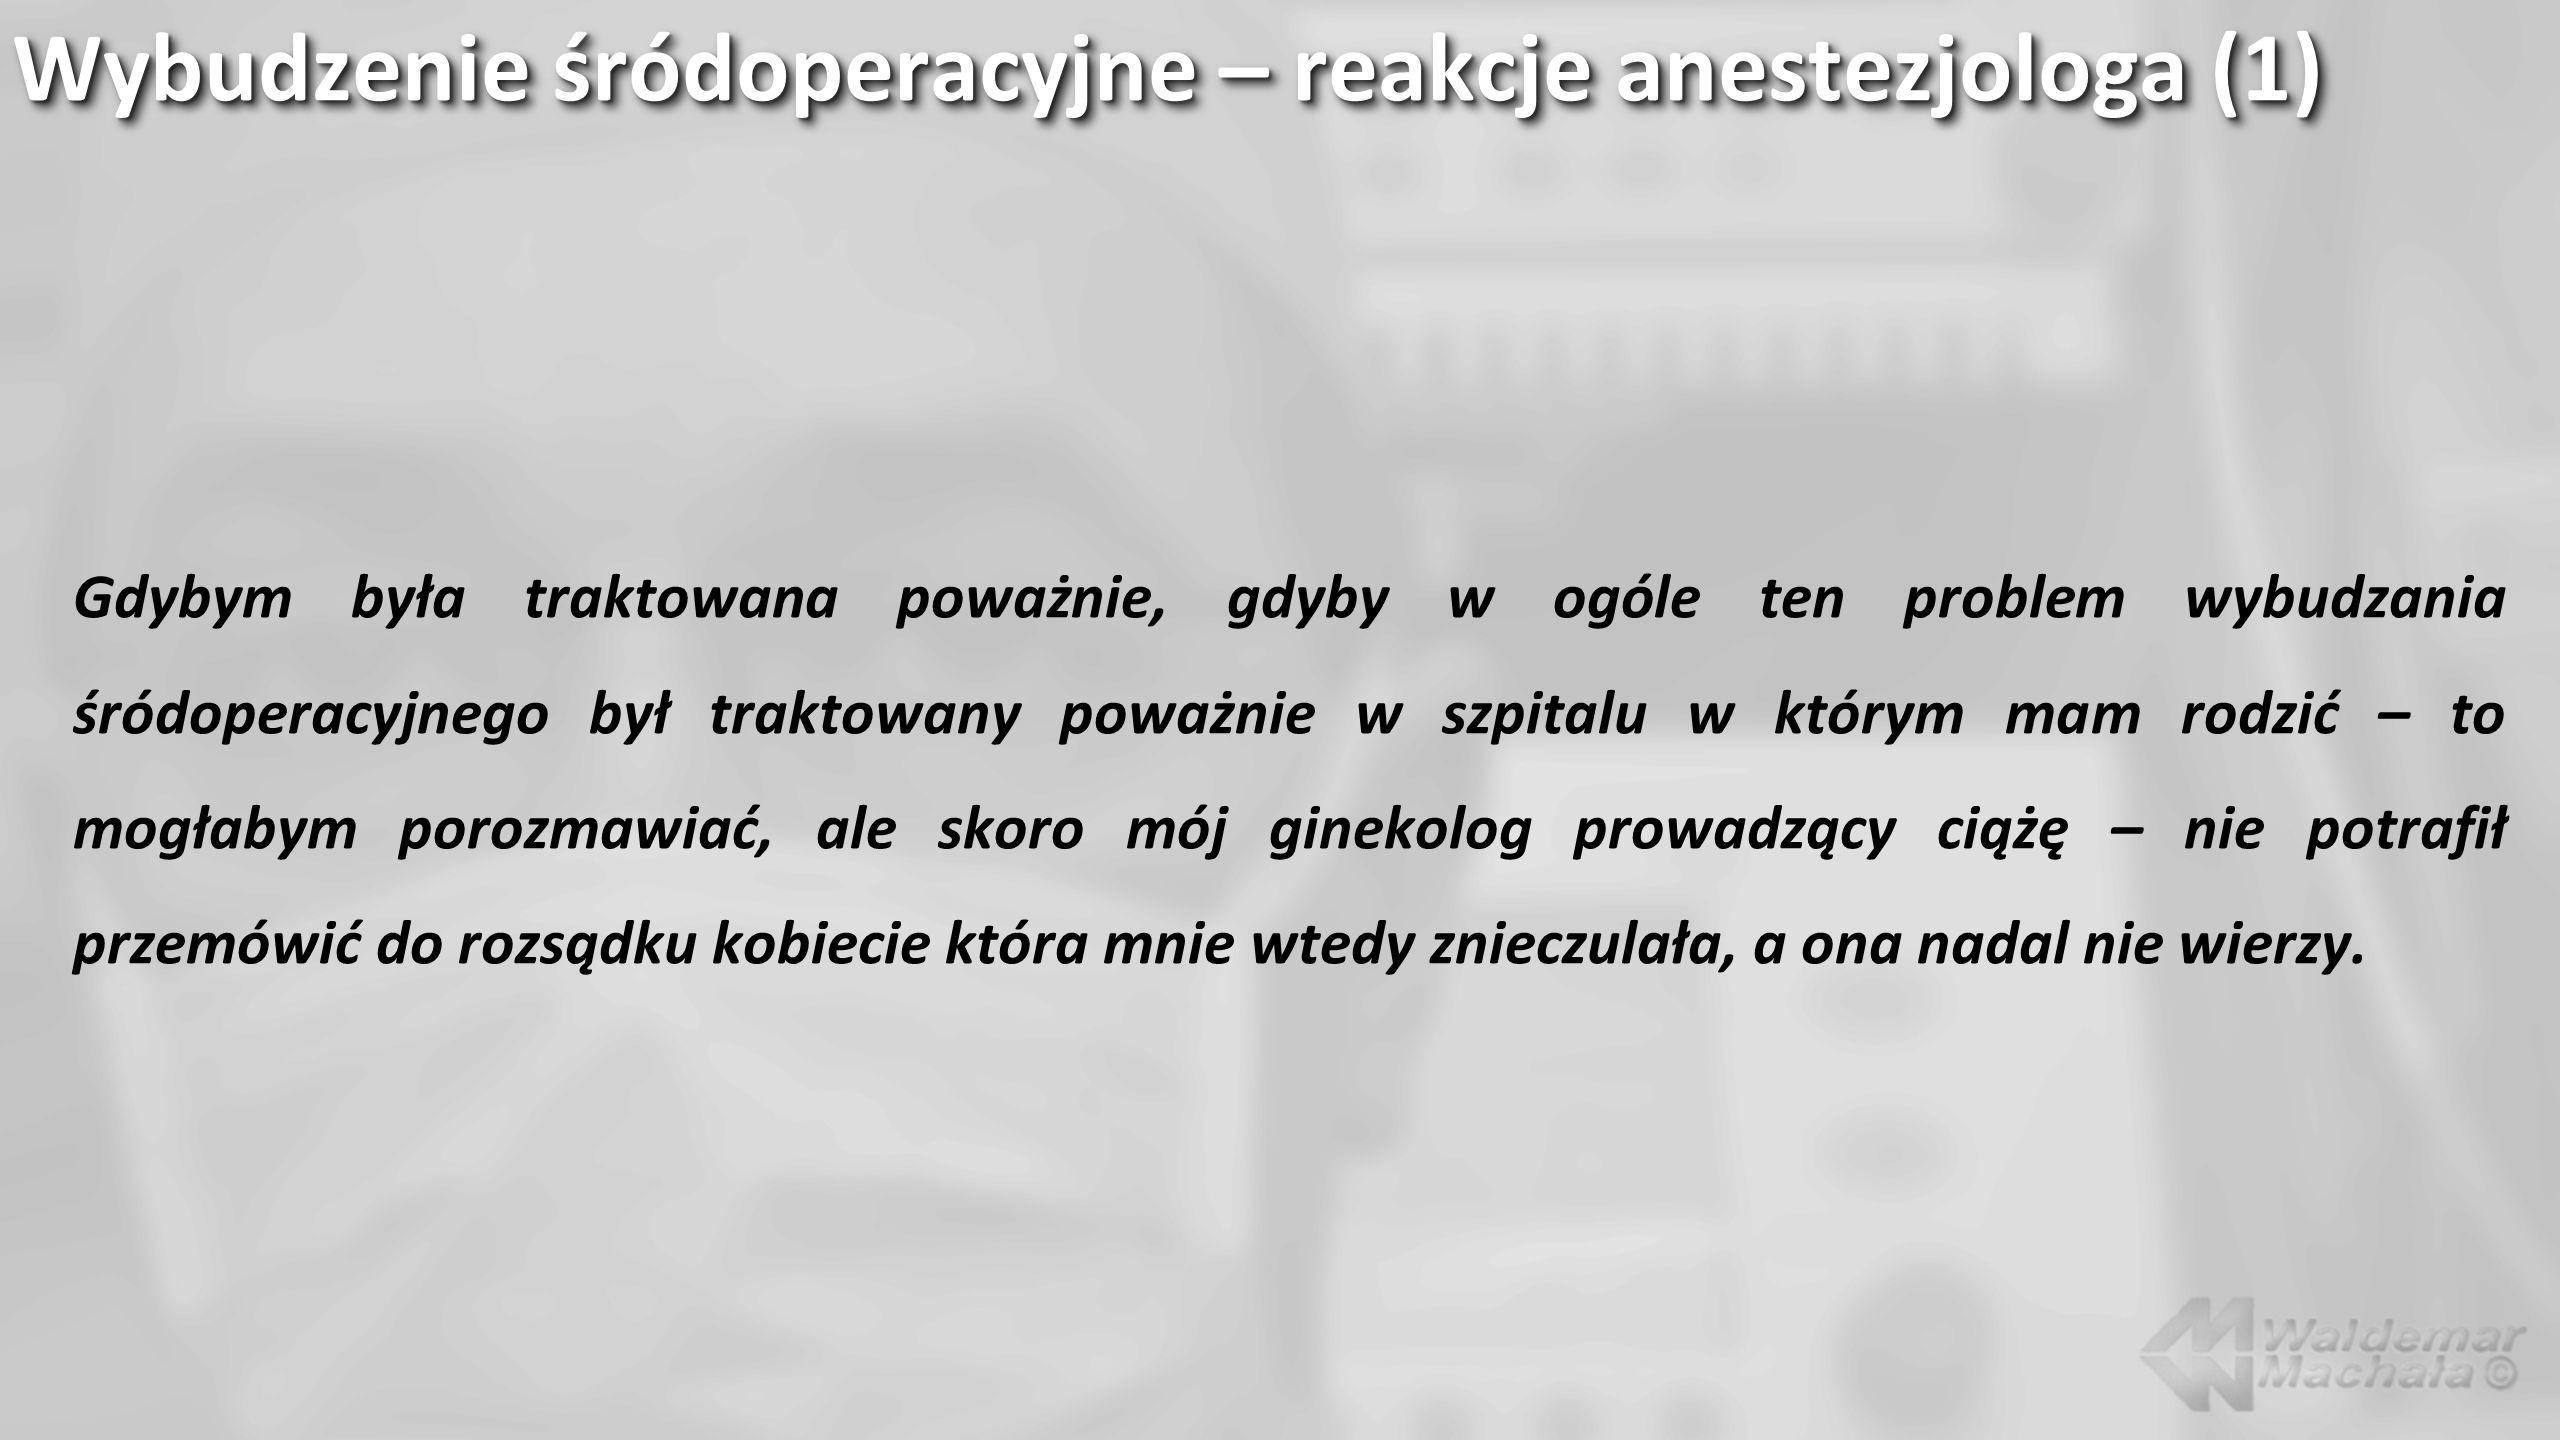 Wybudzenie śródoperacyjne – reakcje anestezjologa (1)